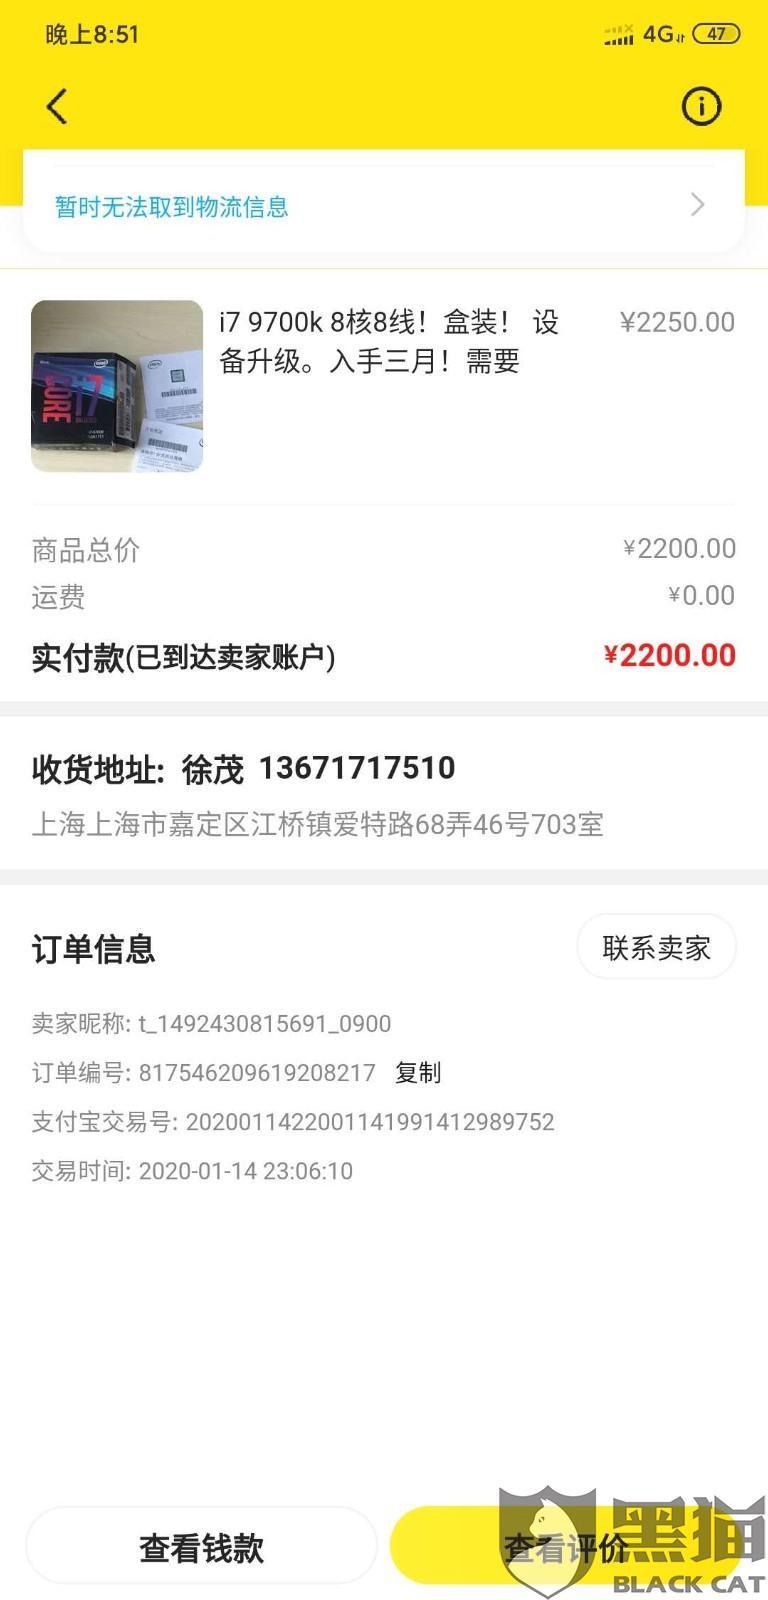 黑猫投诉:闲鱼客服采信很明显的假证据,让我被骗了2200元。并且不给申述